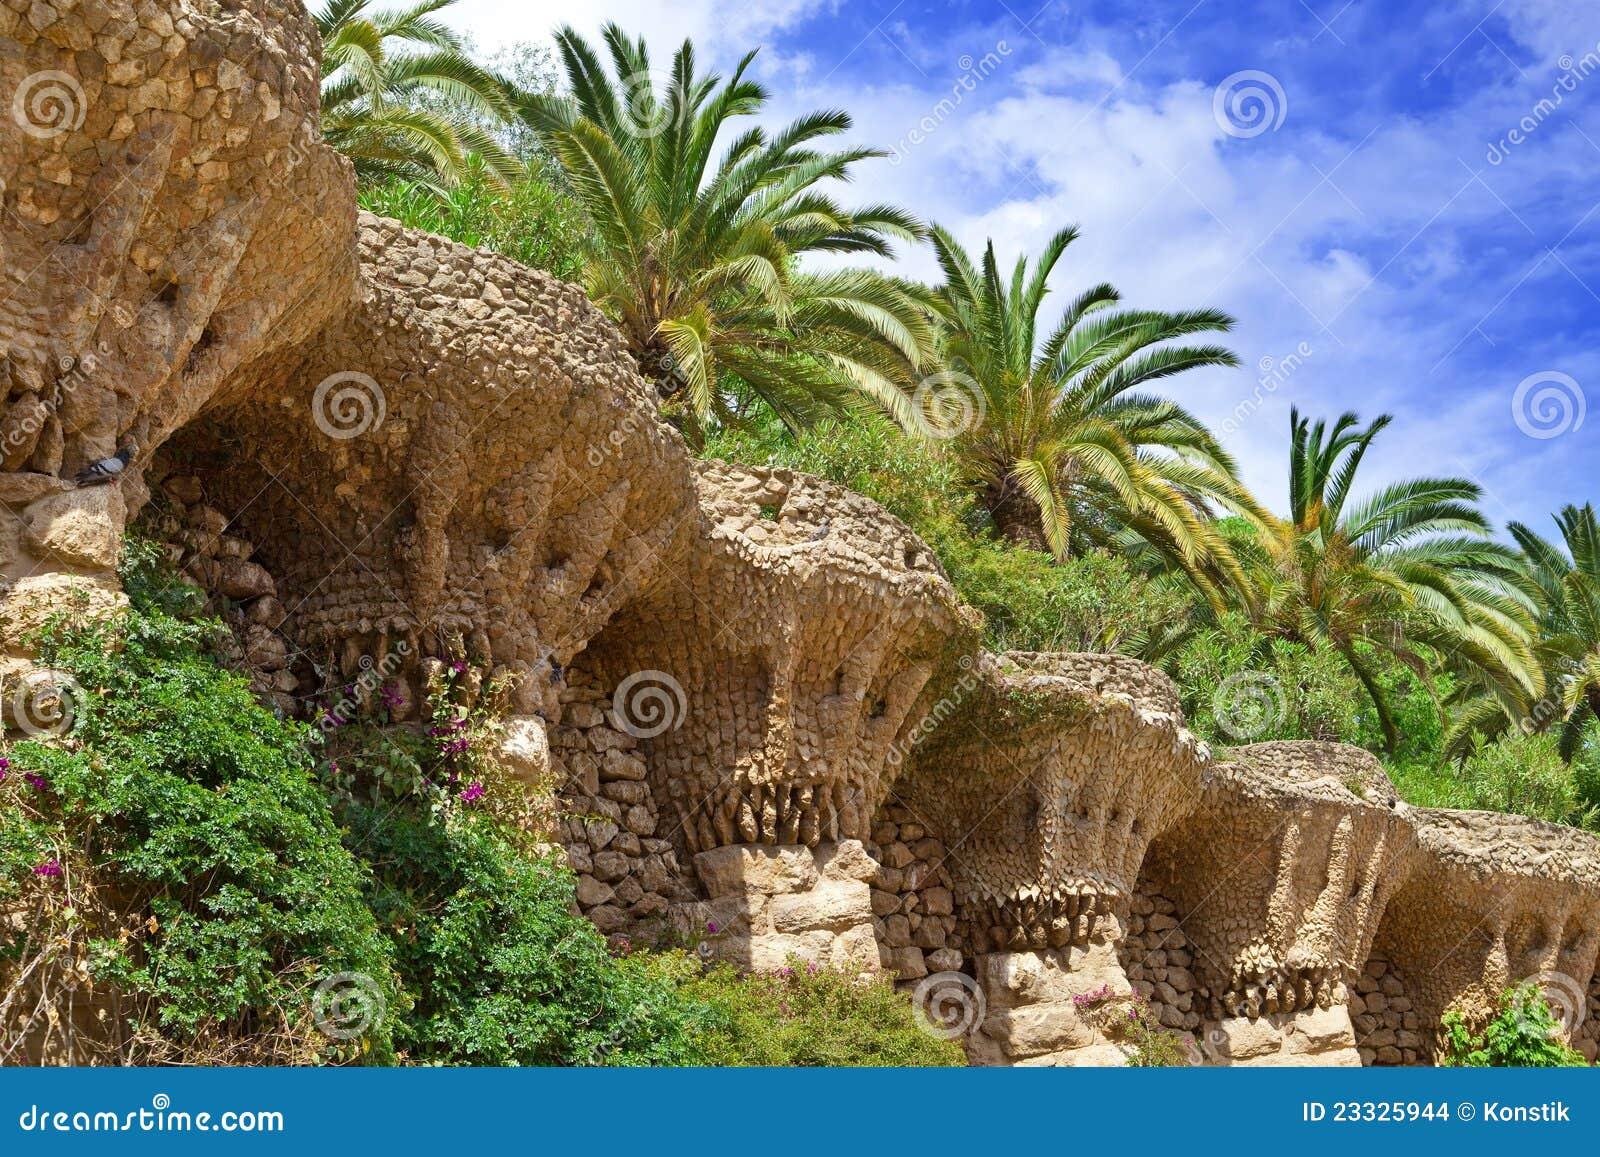 flores tropicais jardim : flores tropicais jardim:Plantas Tropicais No Jardim Imagens de Stock – Imagem: 23325944